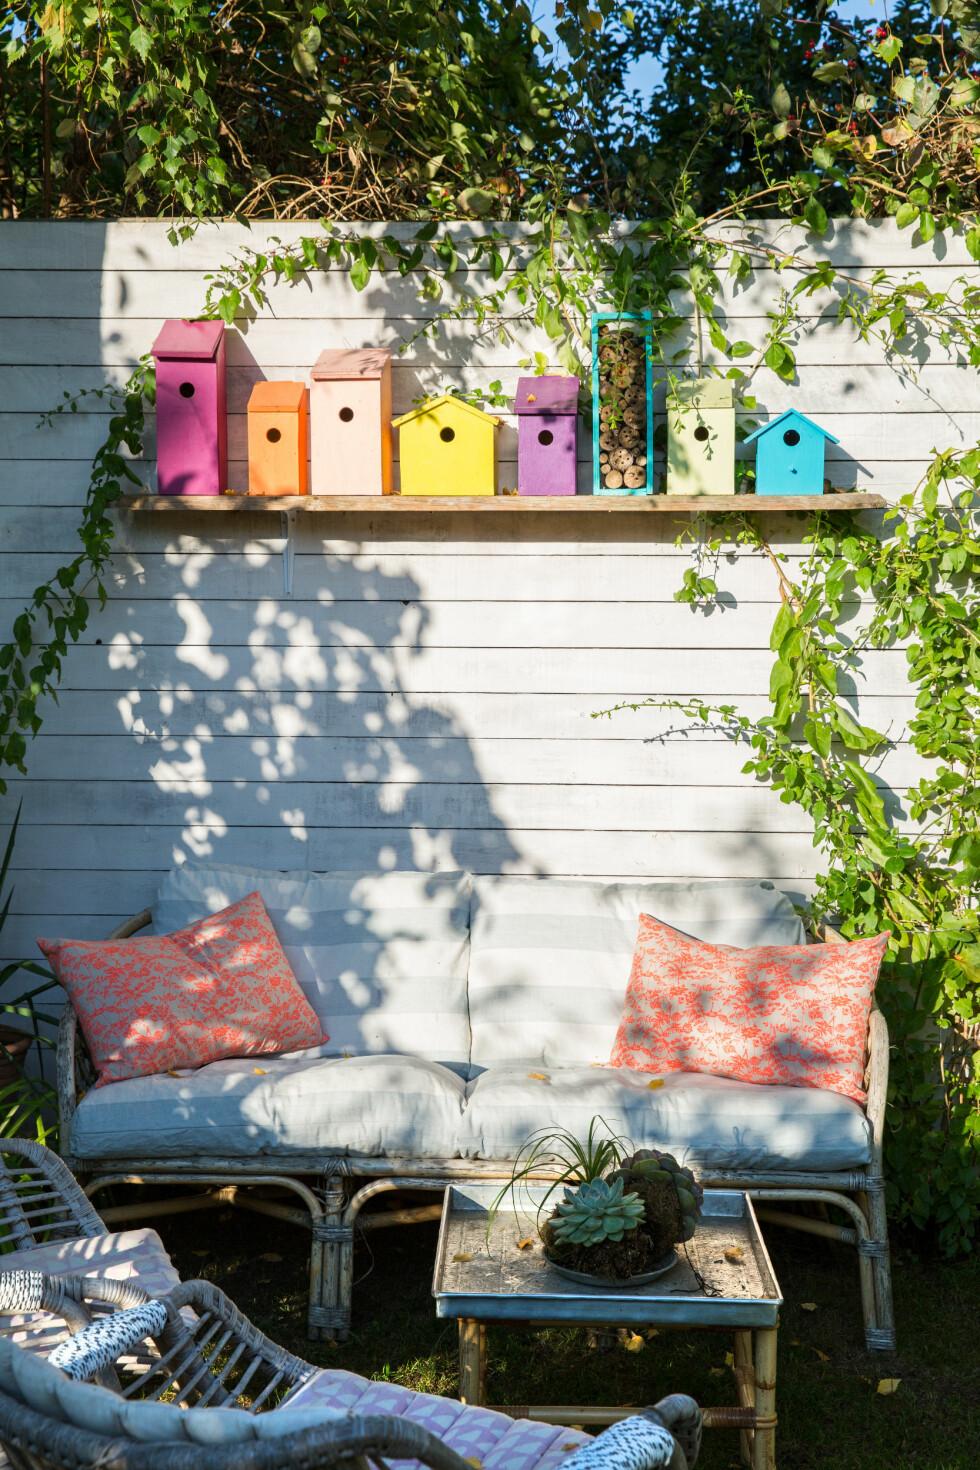 SELVLAGET OG FARGERIKT: Dorhe har laget disse søte fuglehusen som fargelegger den koselige sitteplassen. Foto: All Over Press